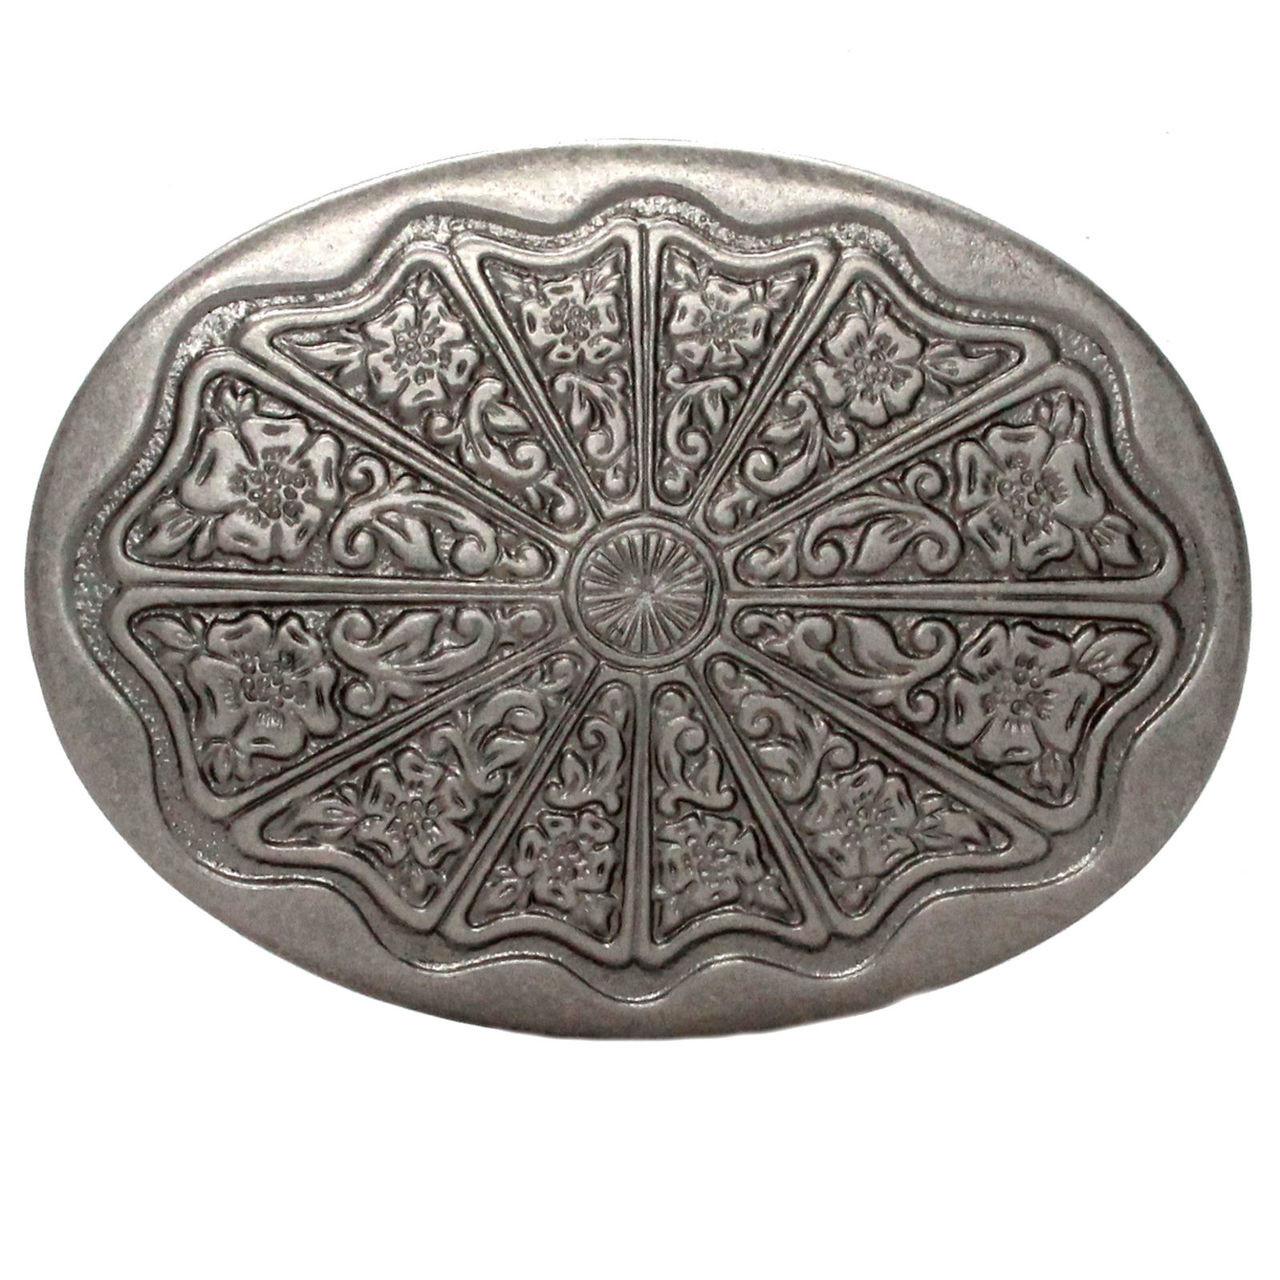 Floral Filigree Trophy Belt Buckle Antique Nickel Front